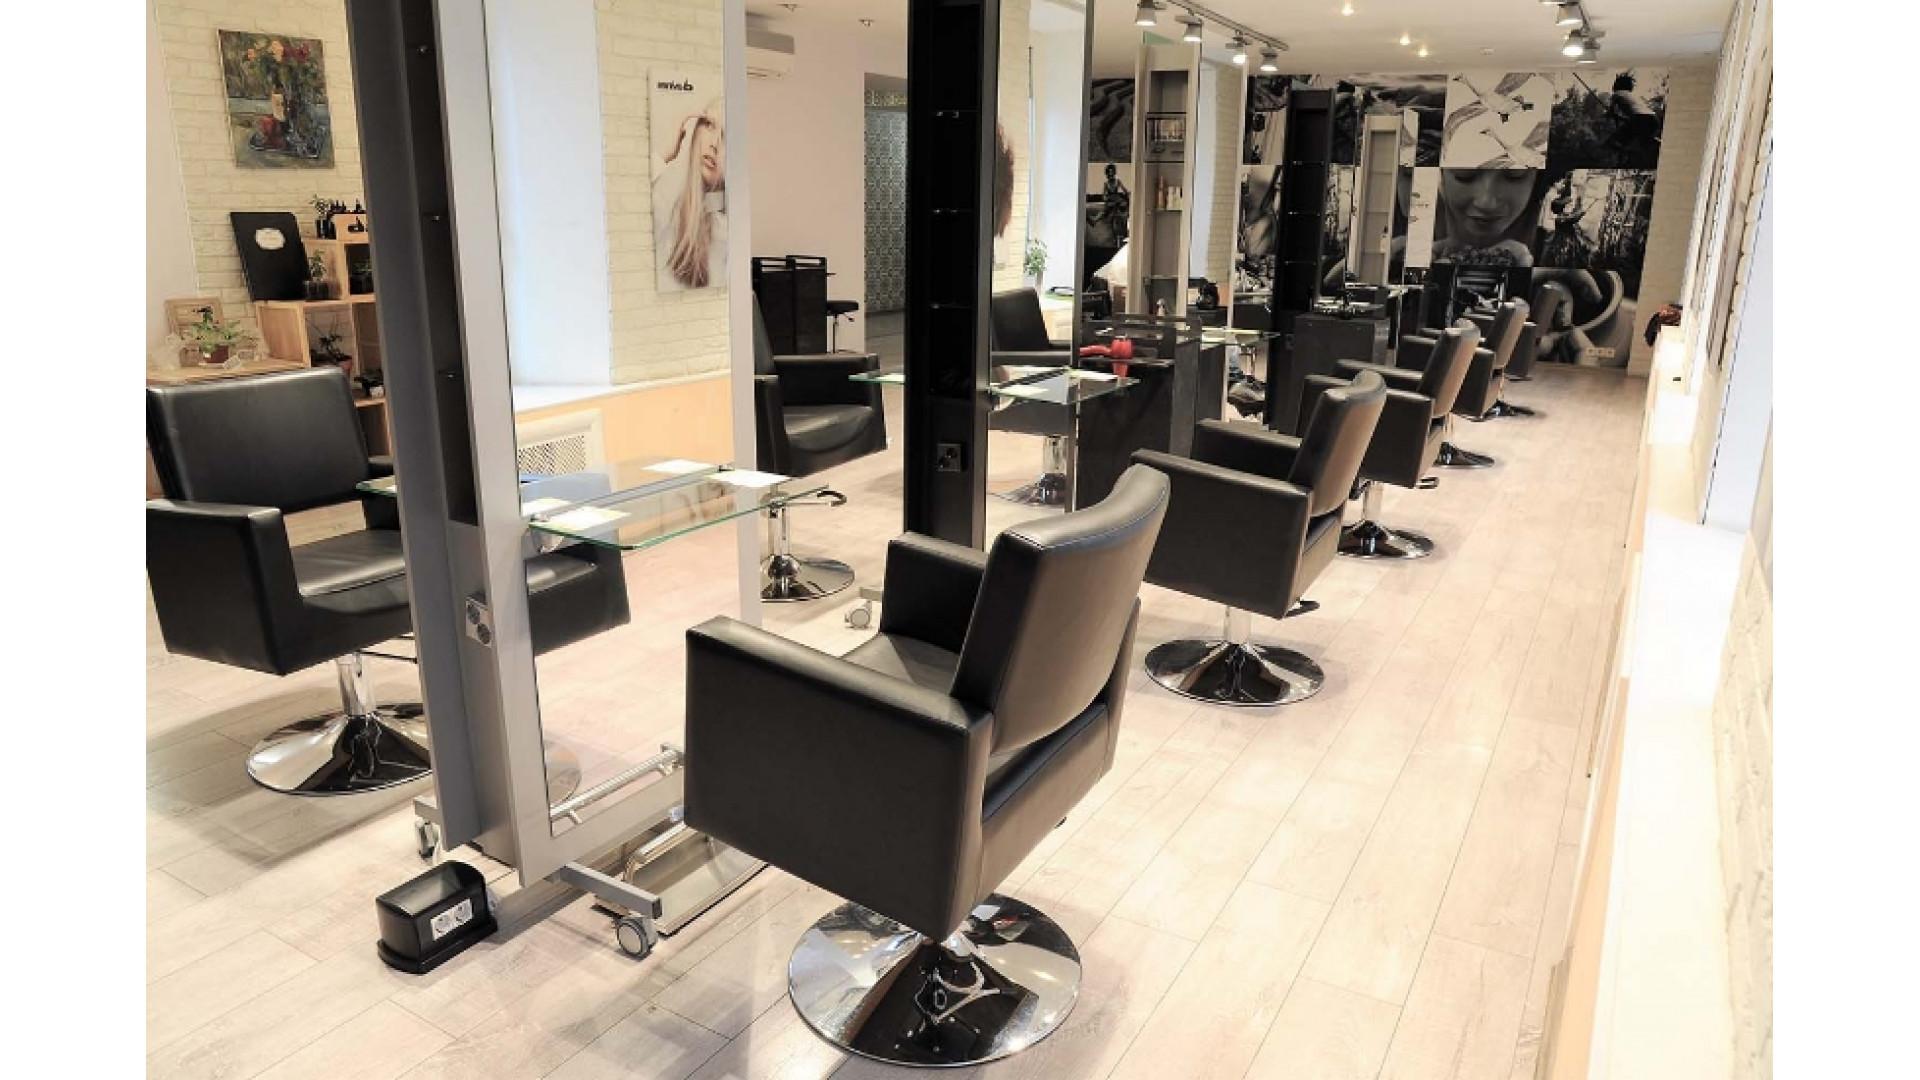 Ключевые особенности гидравлического парикмахерского кресла.